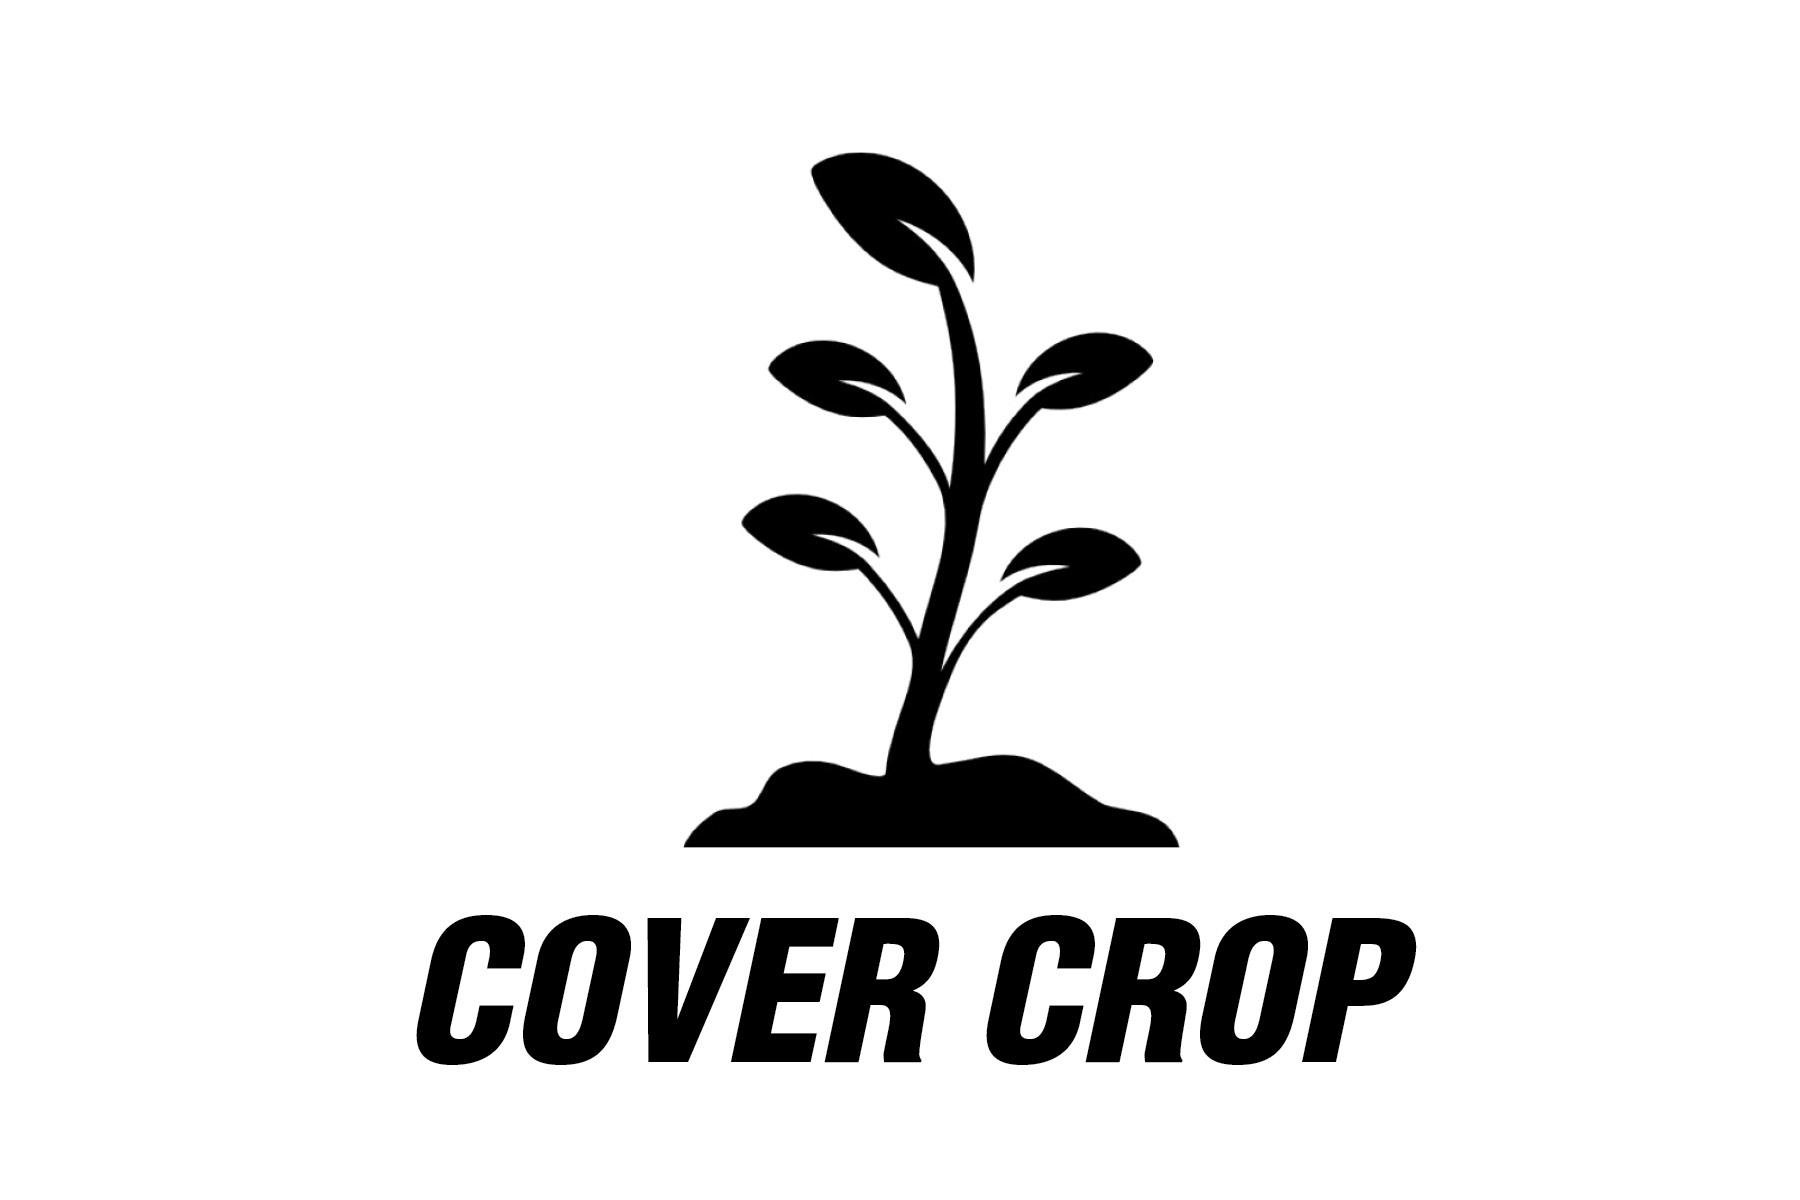 COVER CROP.jpg